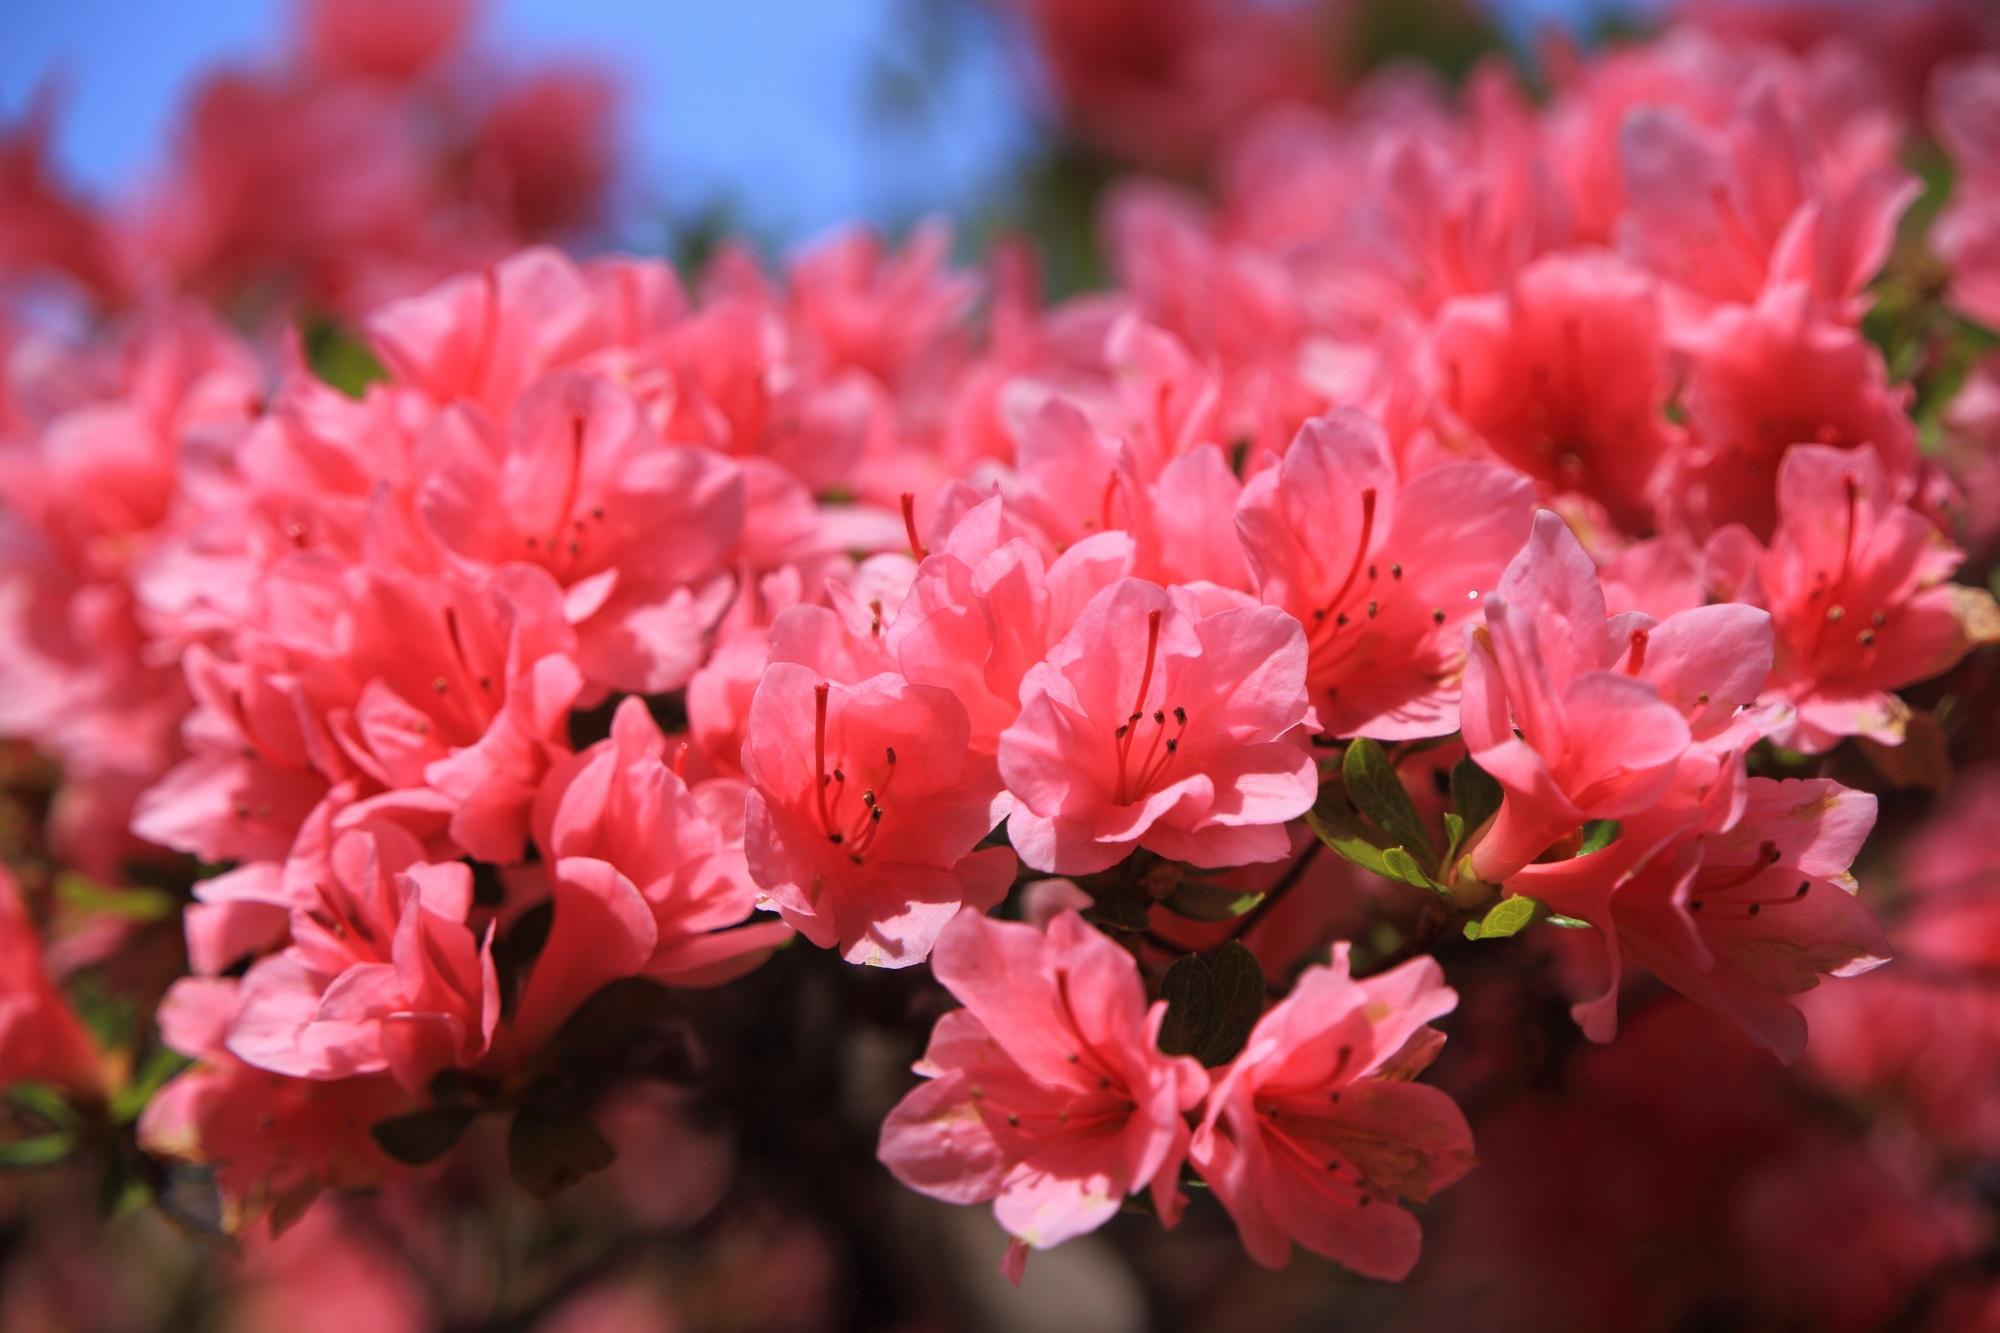 春らしいピンクの華やかなツツジの花